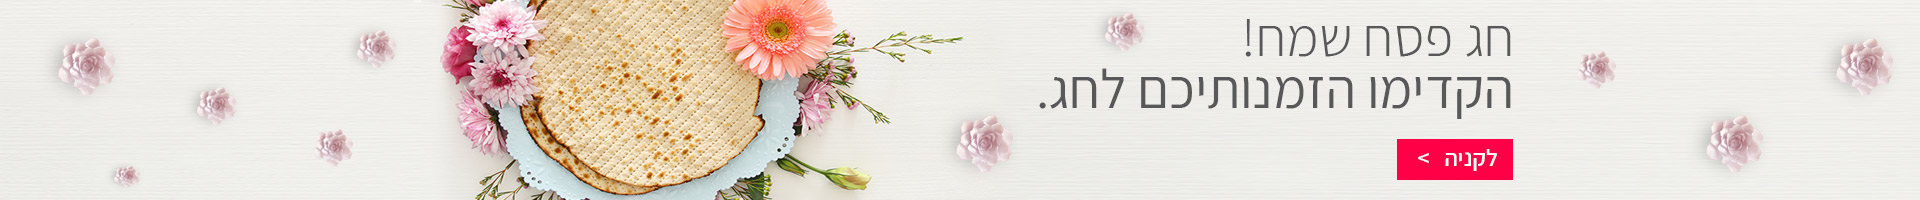 פסח בשדה פרחים